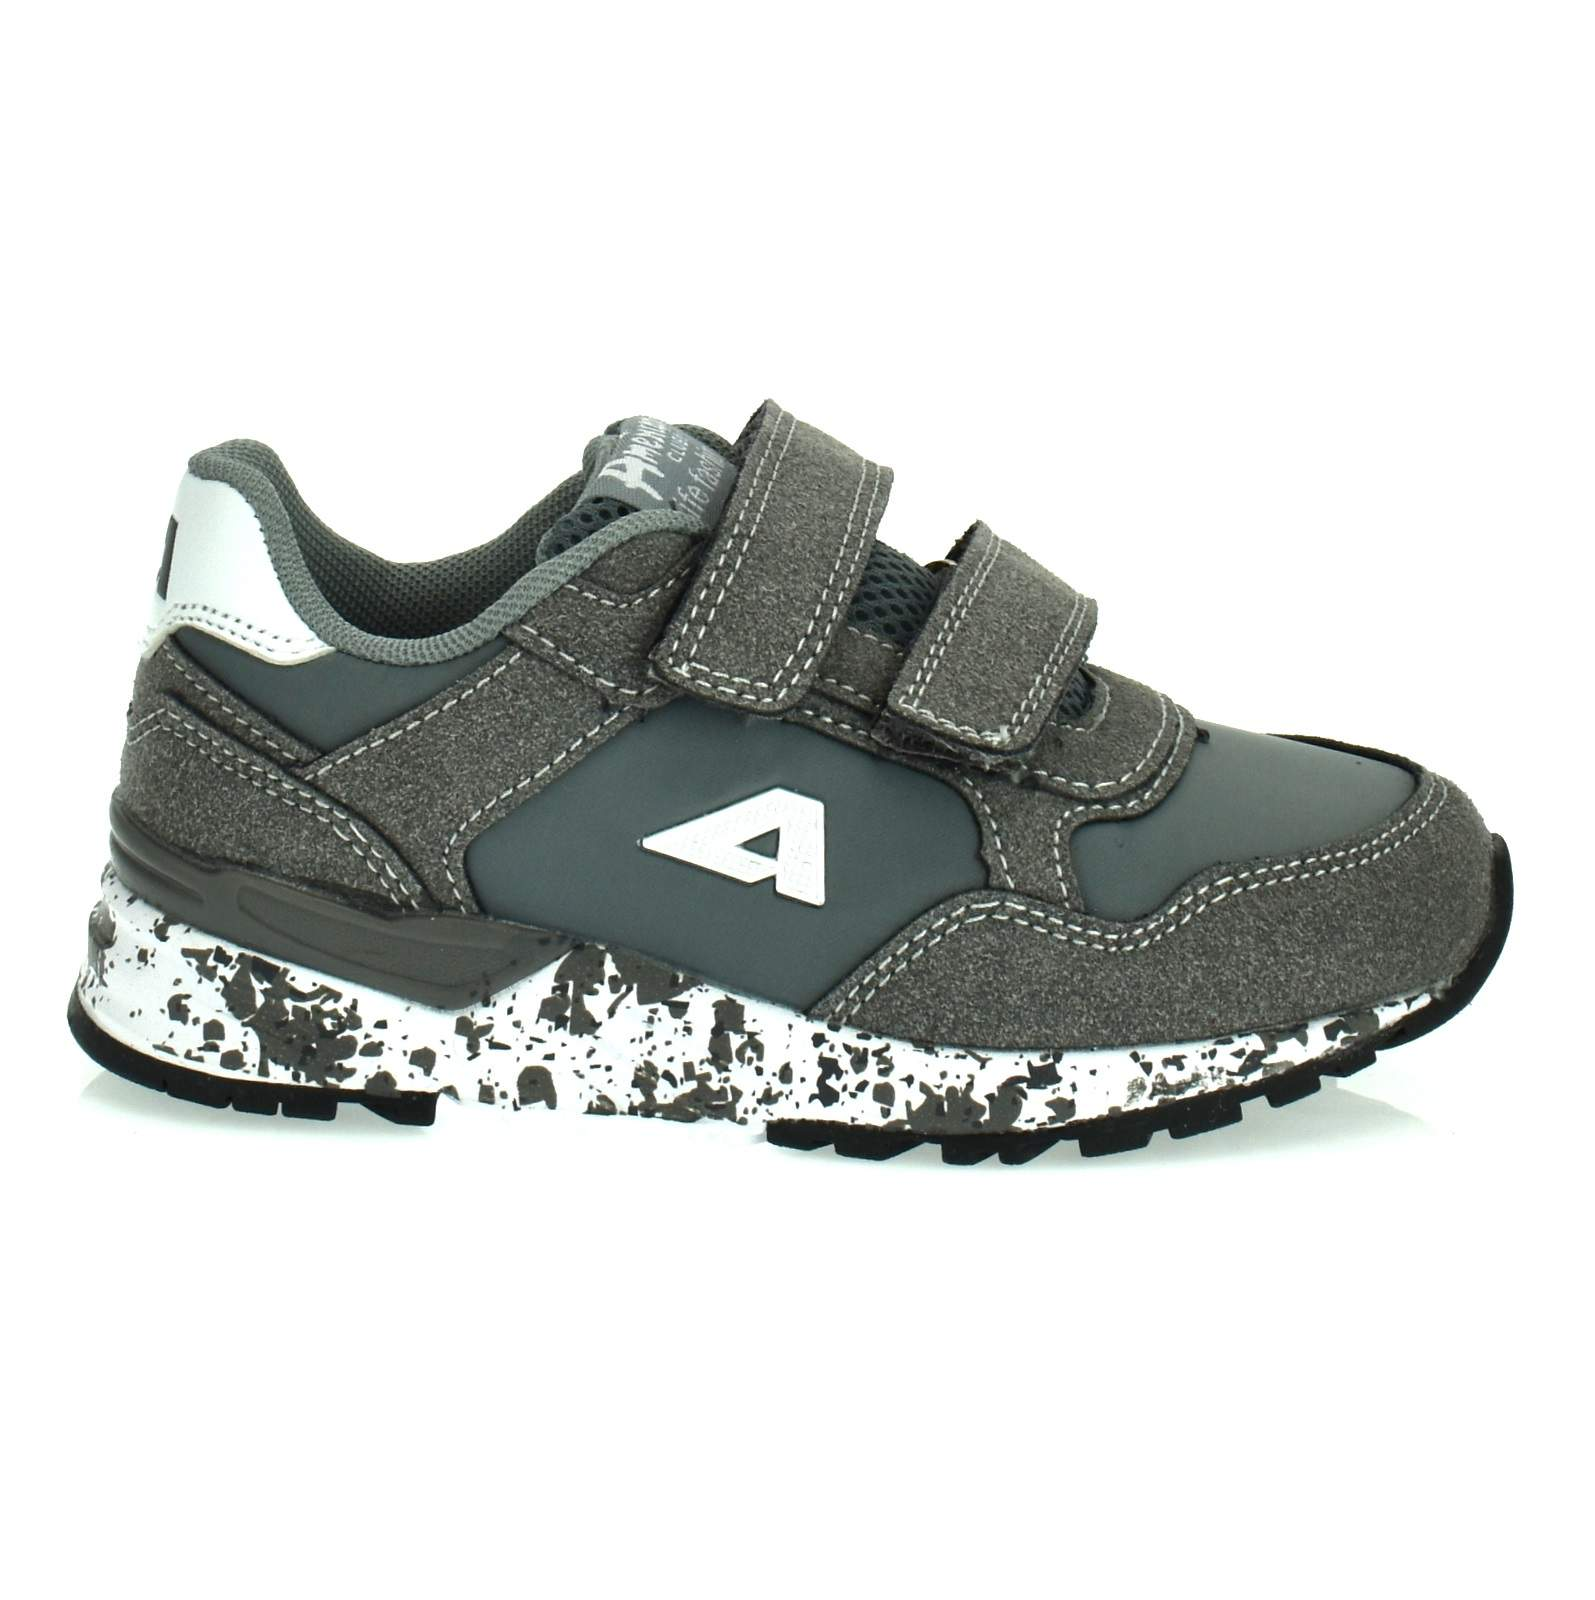 76085eba39f385 ... Sportowe buty dla dzieci American Club BS 12/19 Szary Kliknij, aby  powiększyć ...